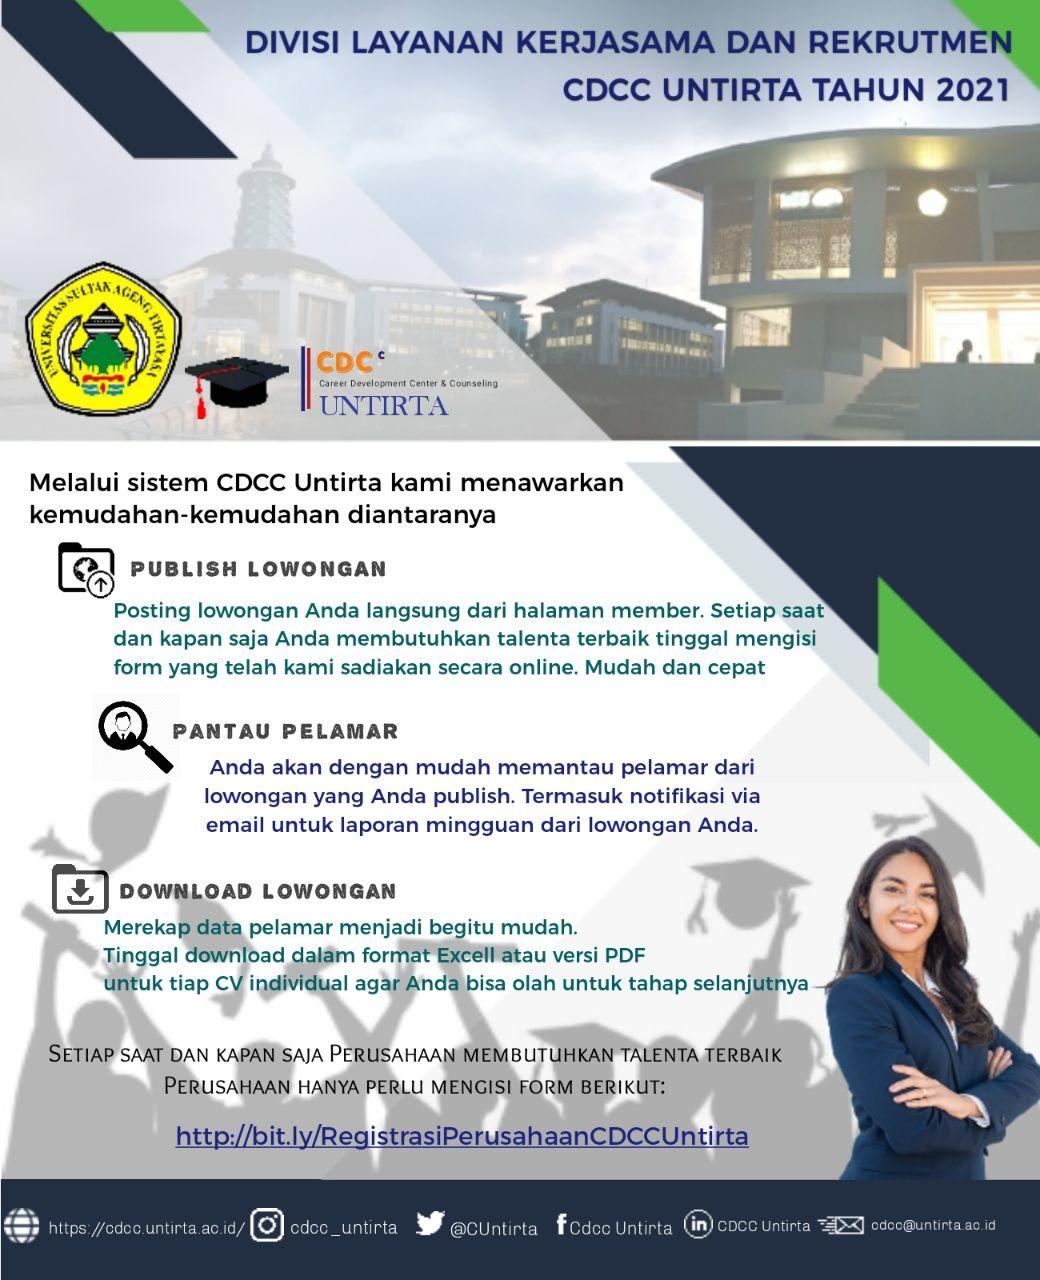 CDCC Untirta – Divisi Layanan Kerjasama dan Rekrutmen